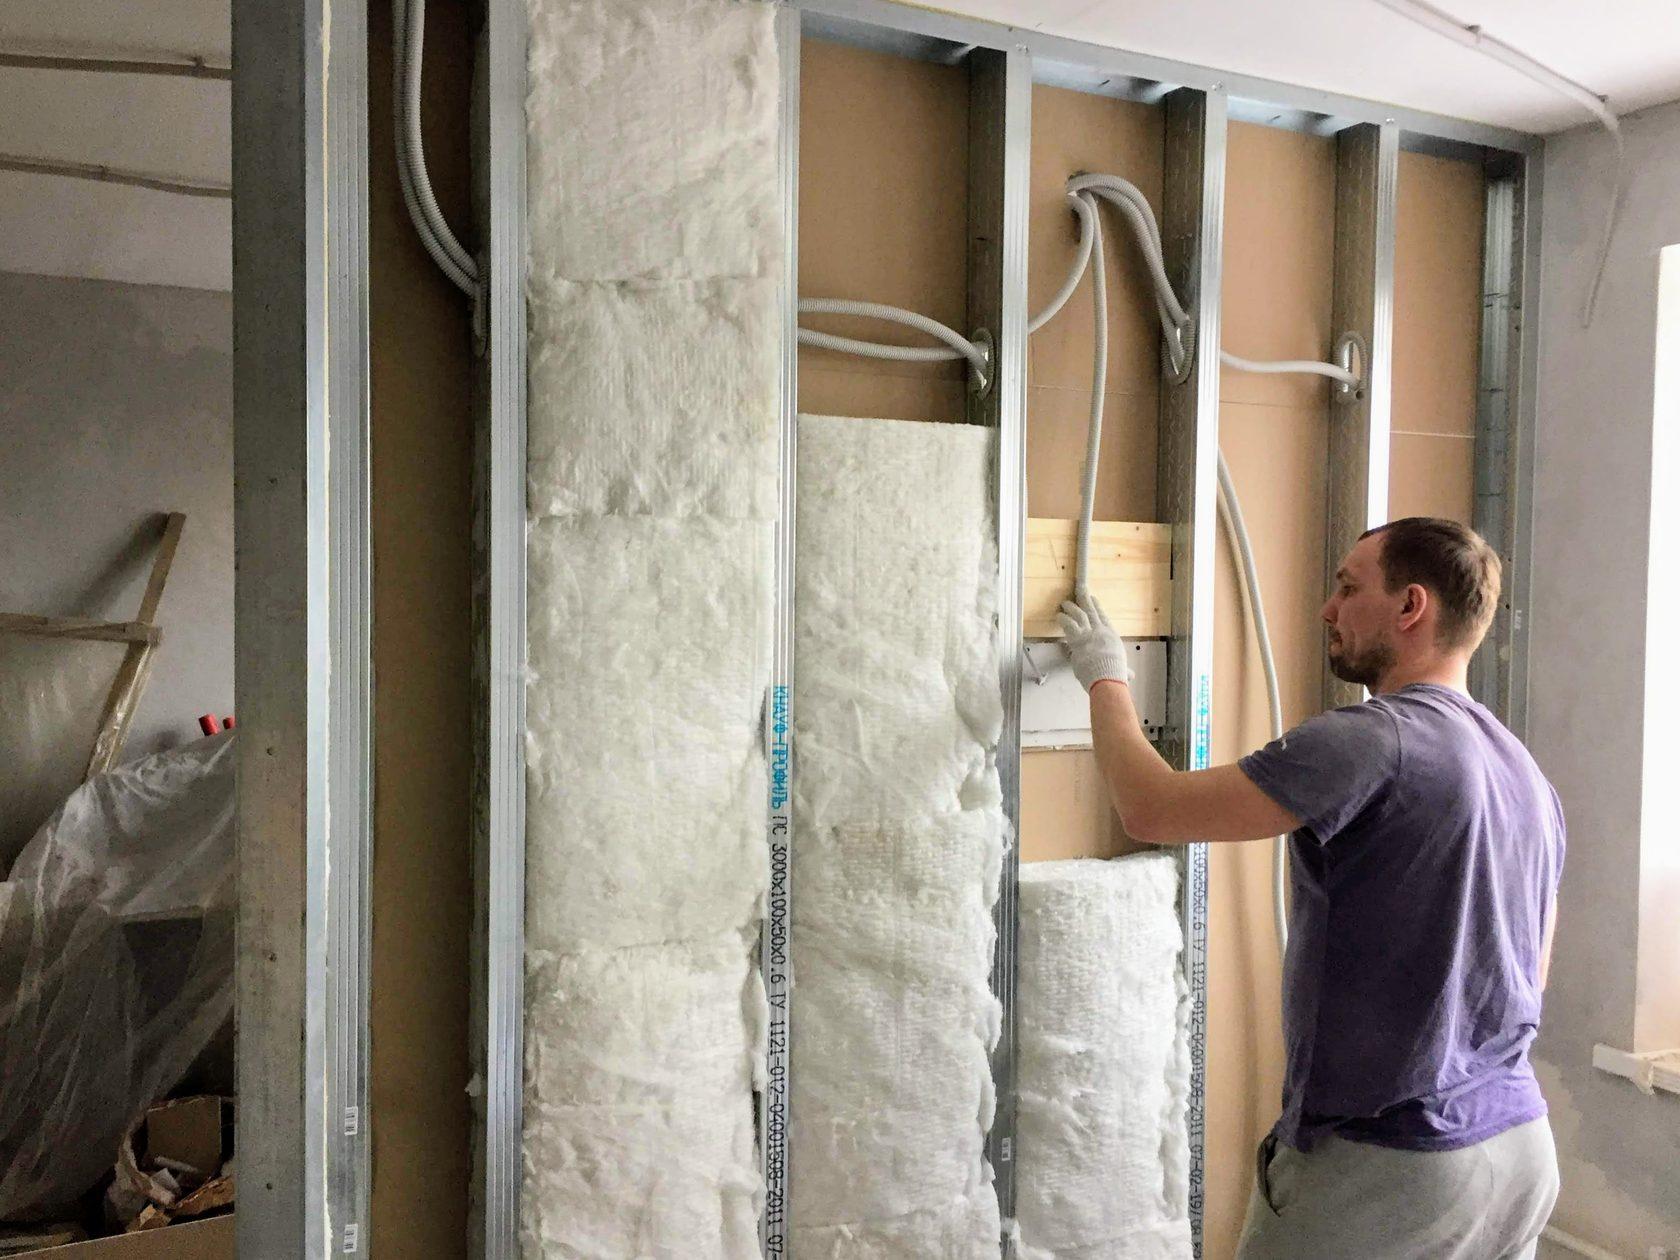 Шумоизоляция стен: как и чем можно сделать своими руками звукоизоляцию в квартире